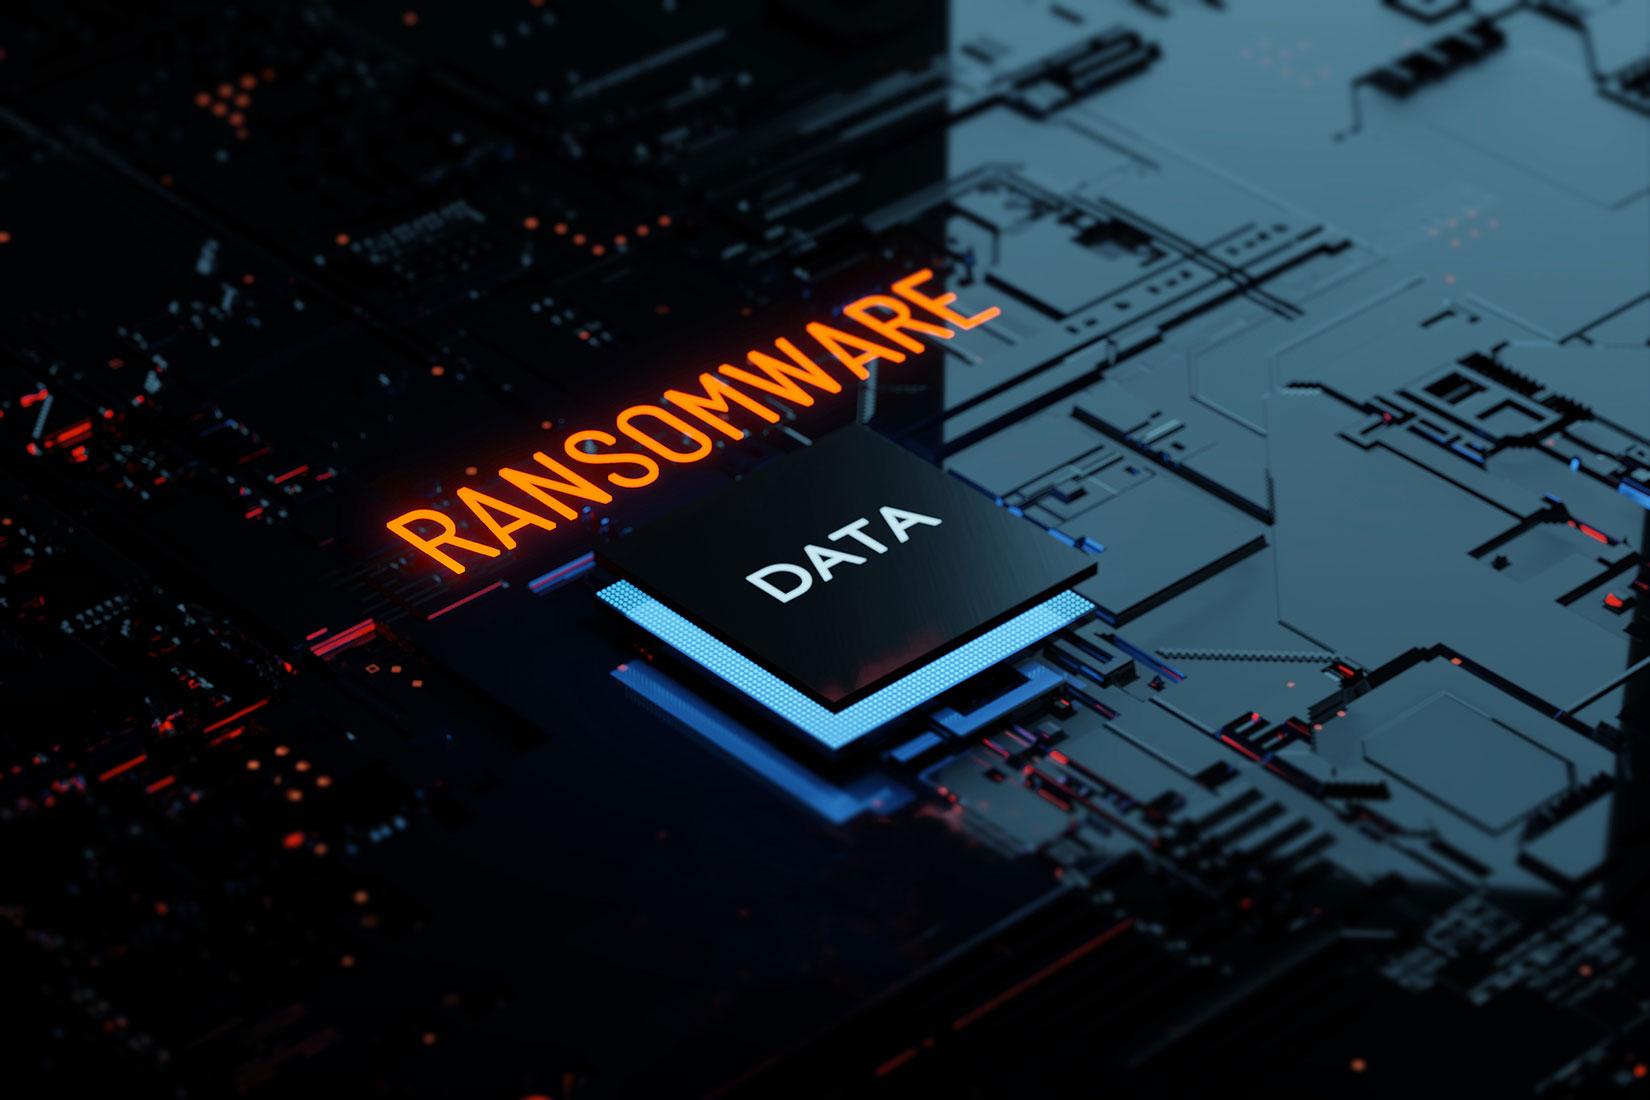 国家を襲うソフトウェアサプライチェーン攻撃《後編》<br>2020年 ― その変容